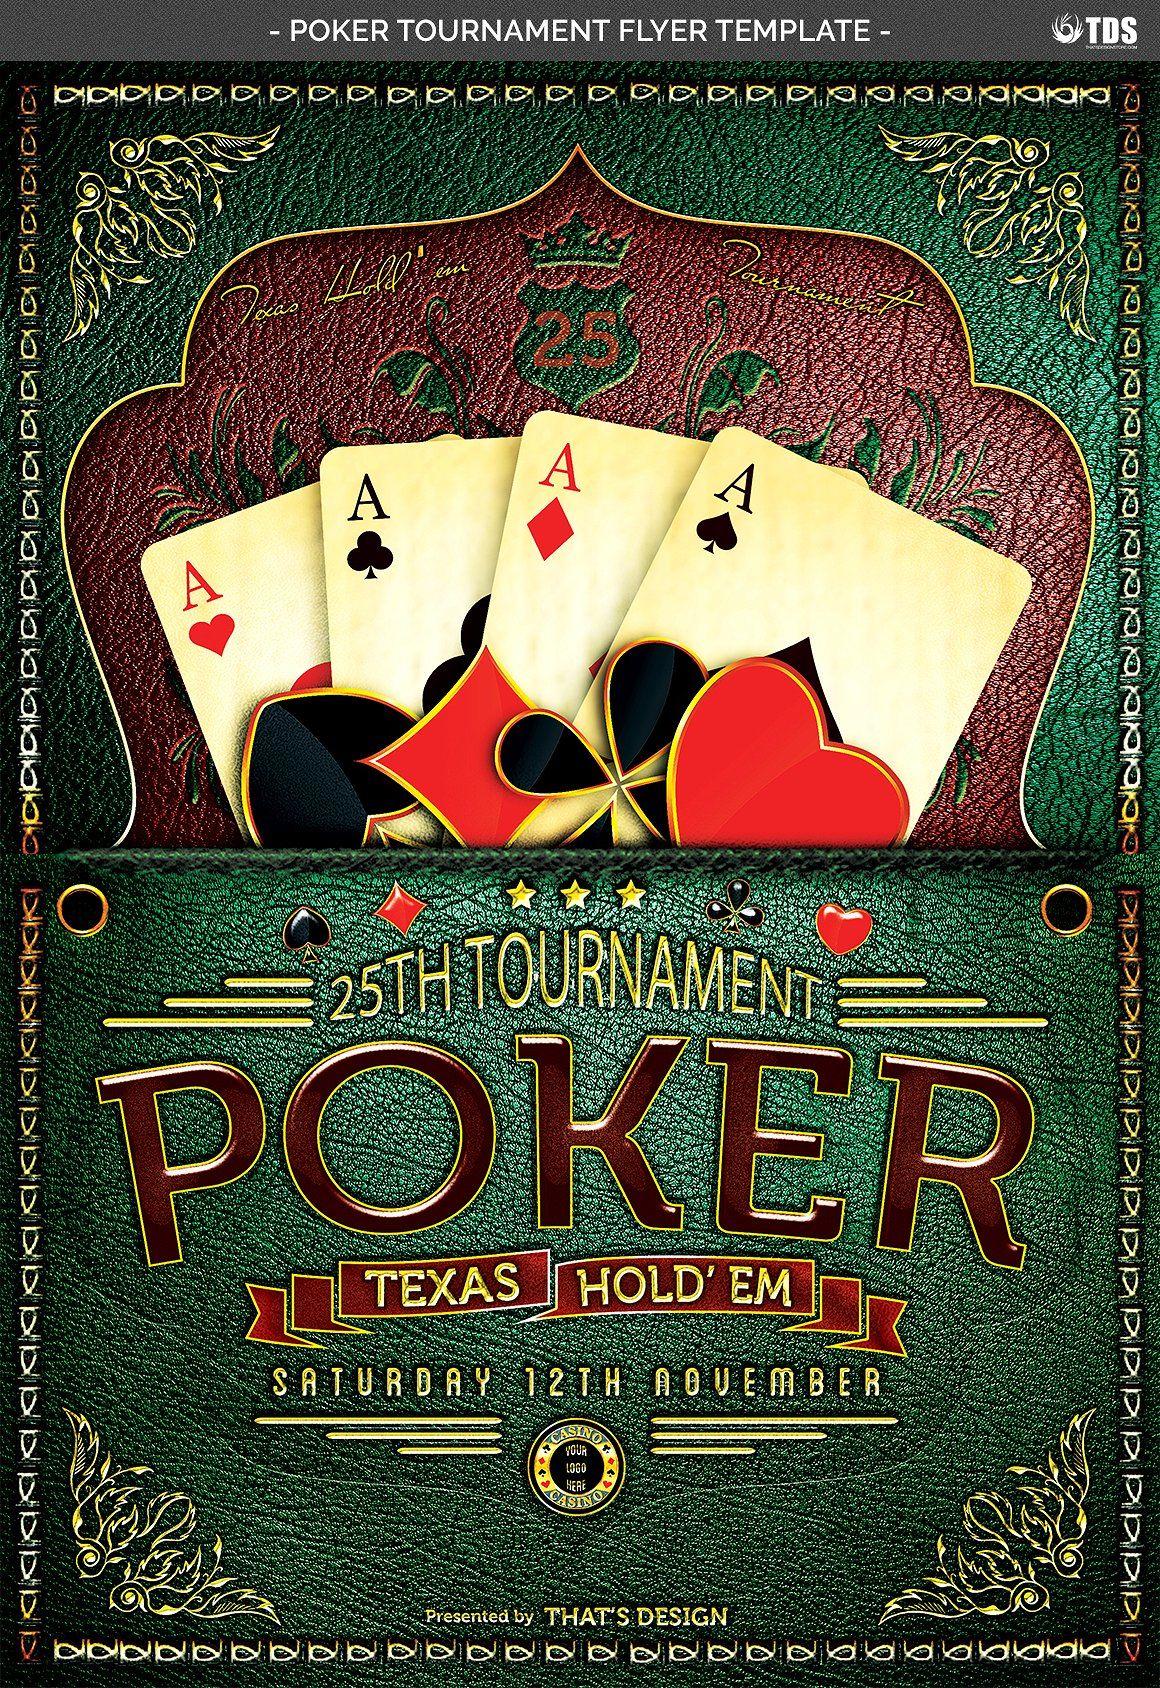 Poker Tournament Flyer Template bleedinchcmsize